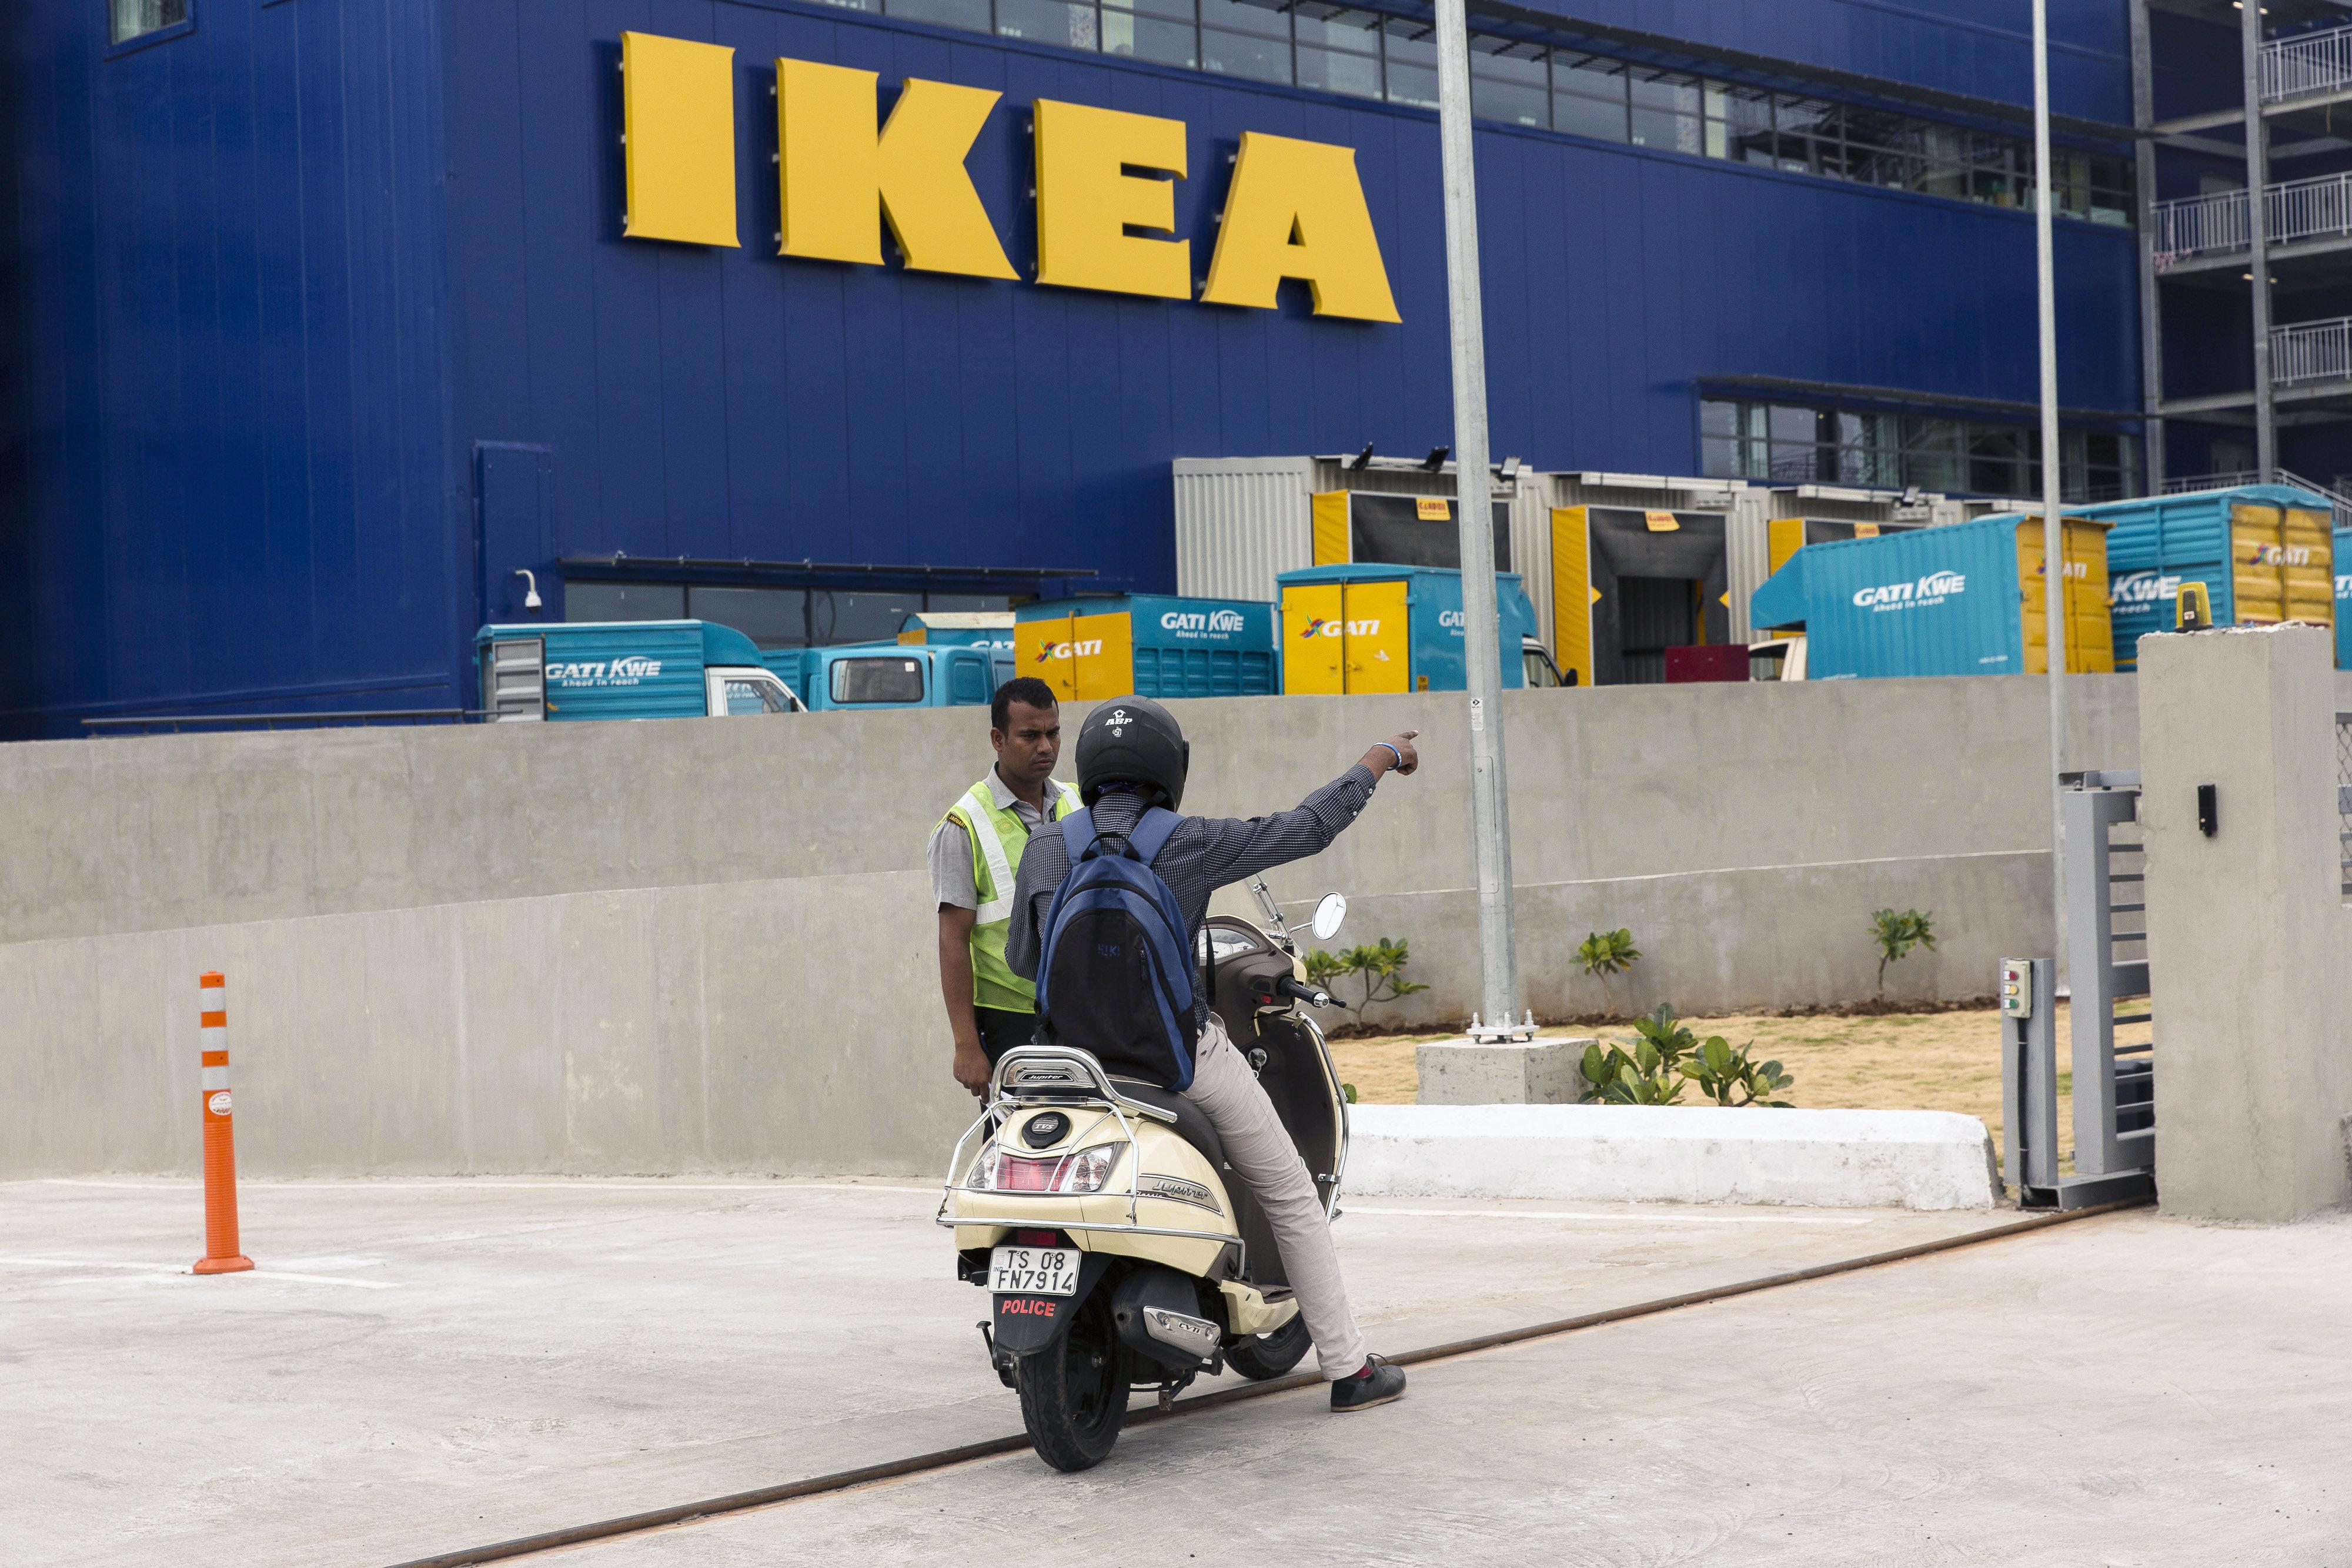 Το πρώτο κατάστημα IKEA στην Ινδία είναι ένα τεράστιο οικονομικό